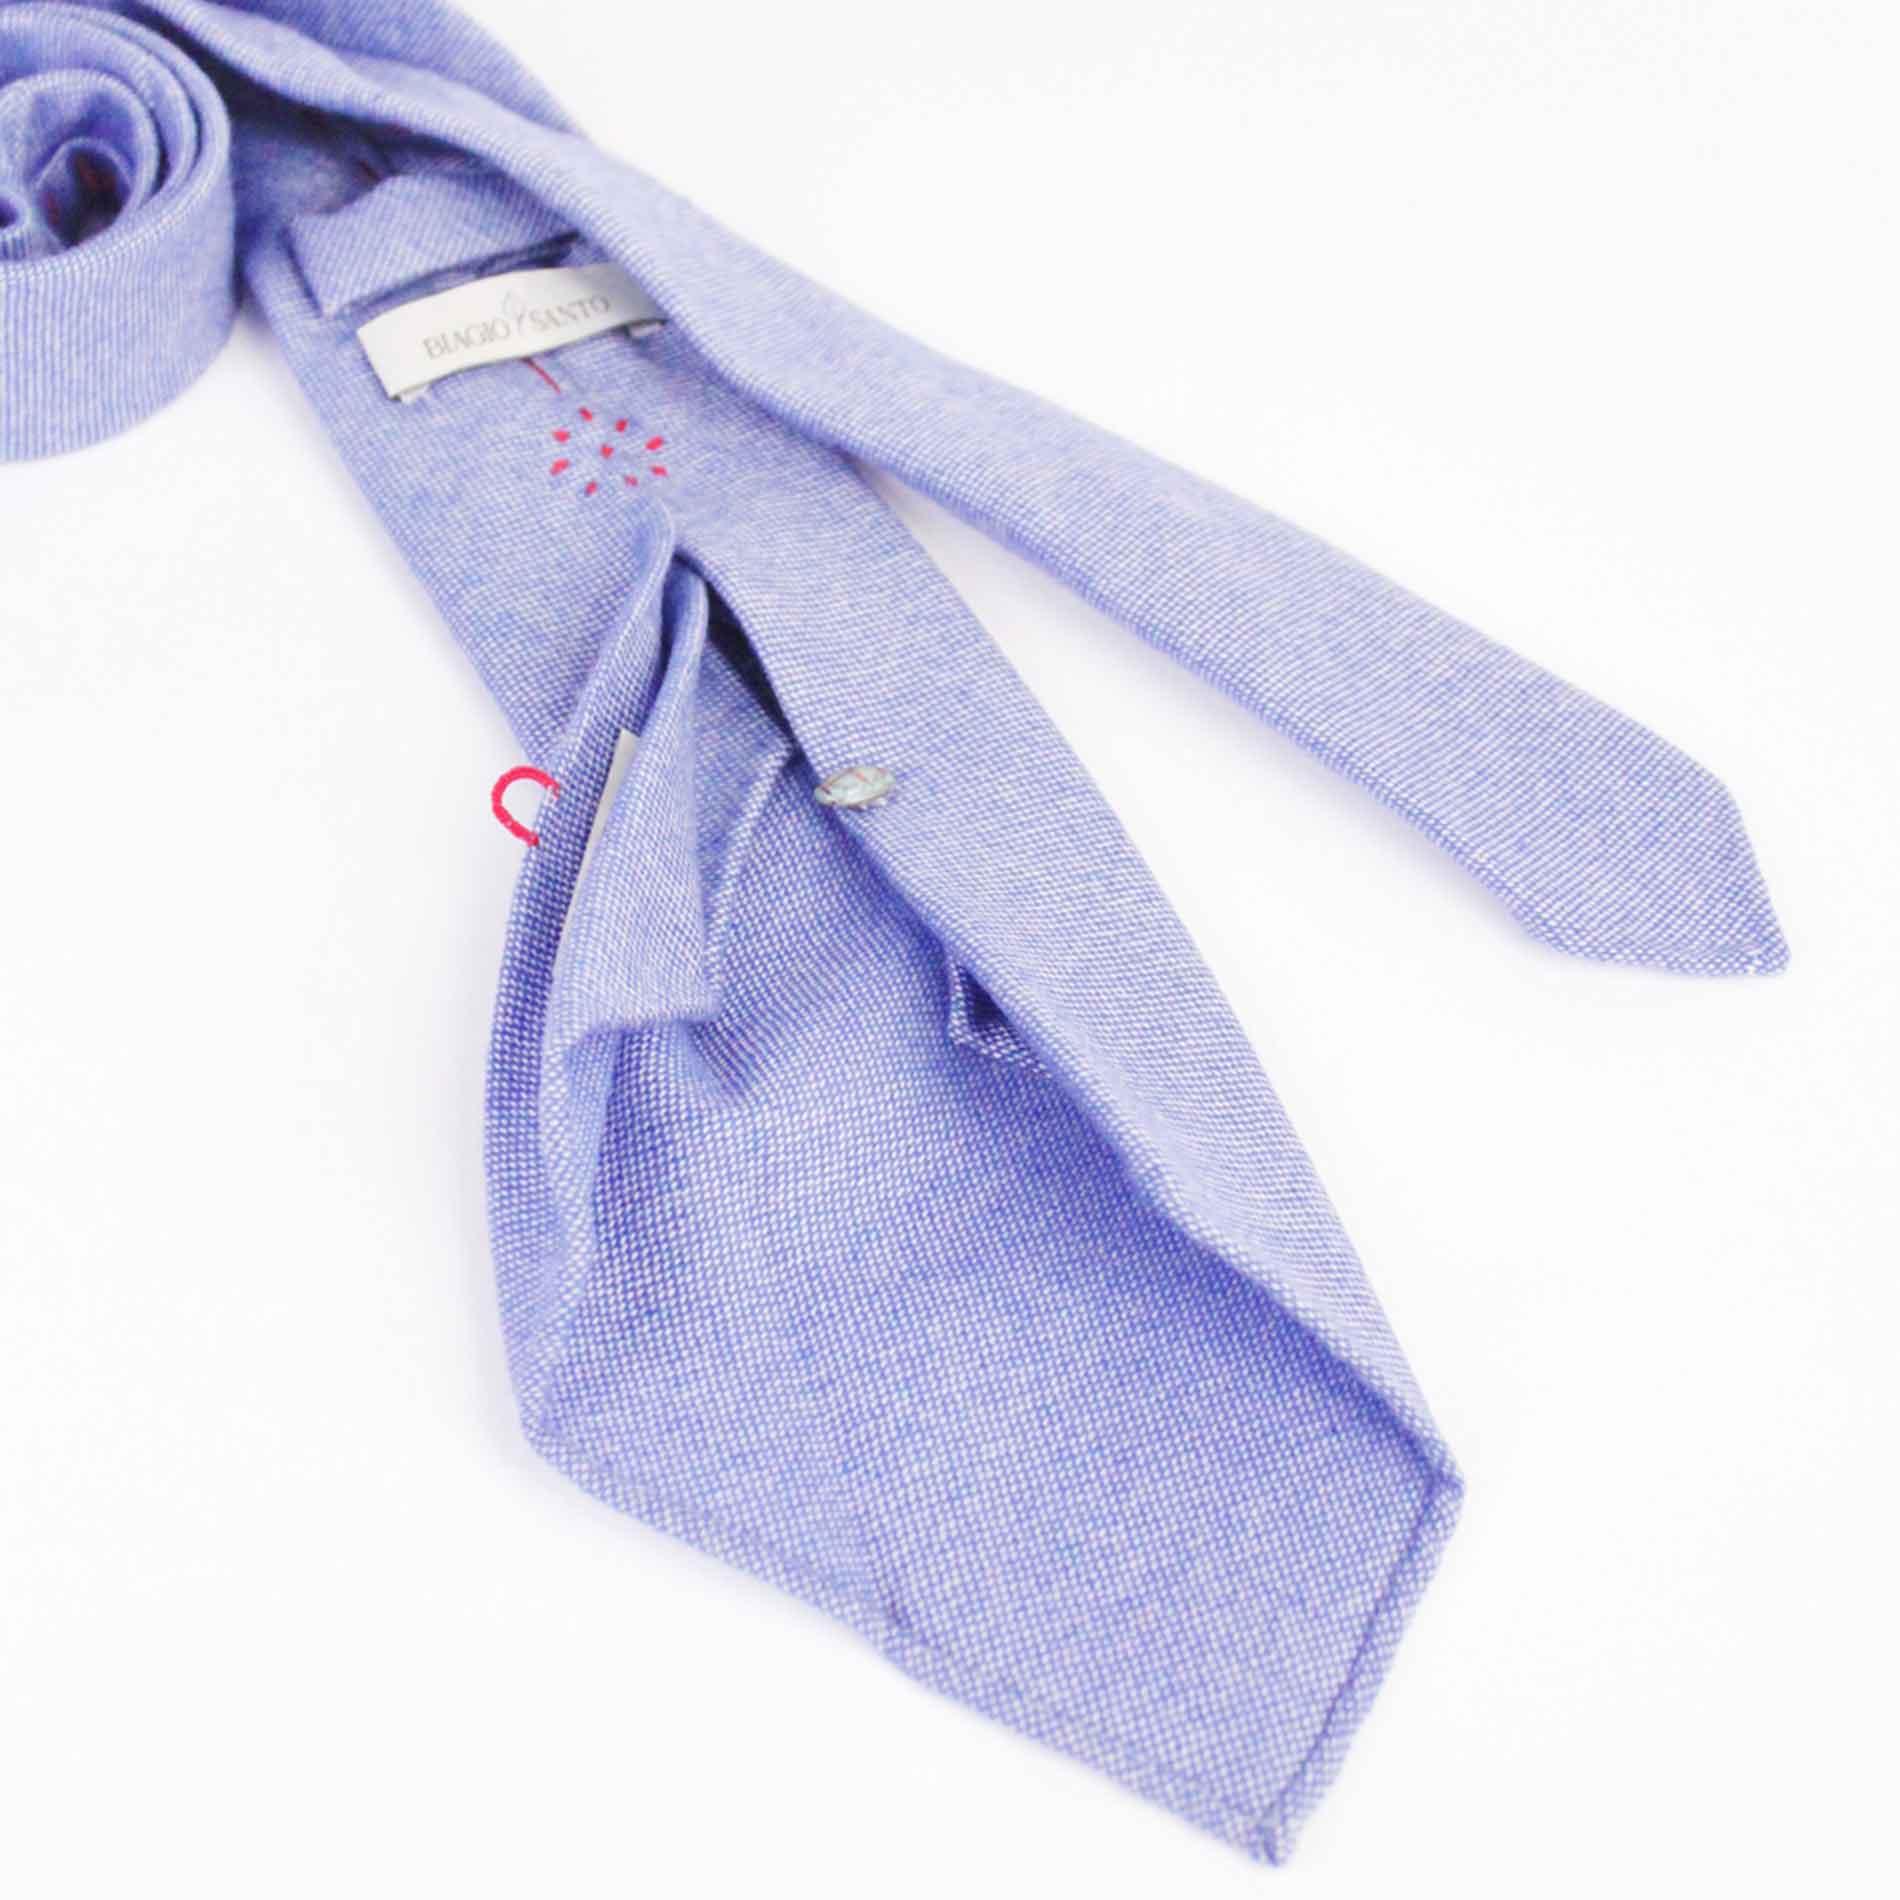 cravattificio-alba-0-pieghe-cashmere-1